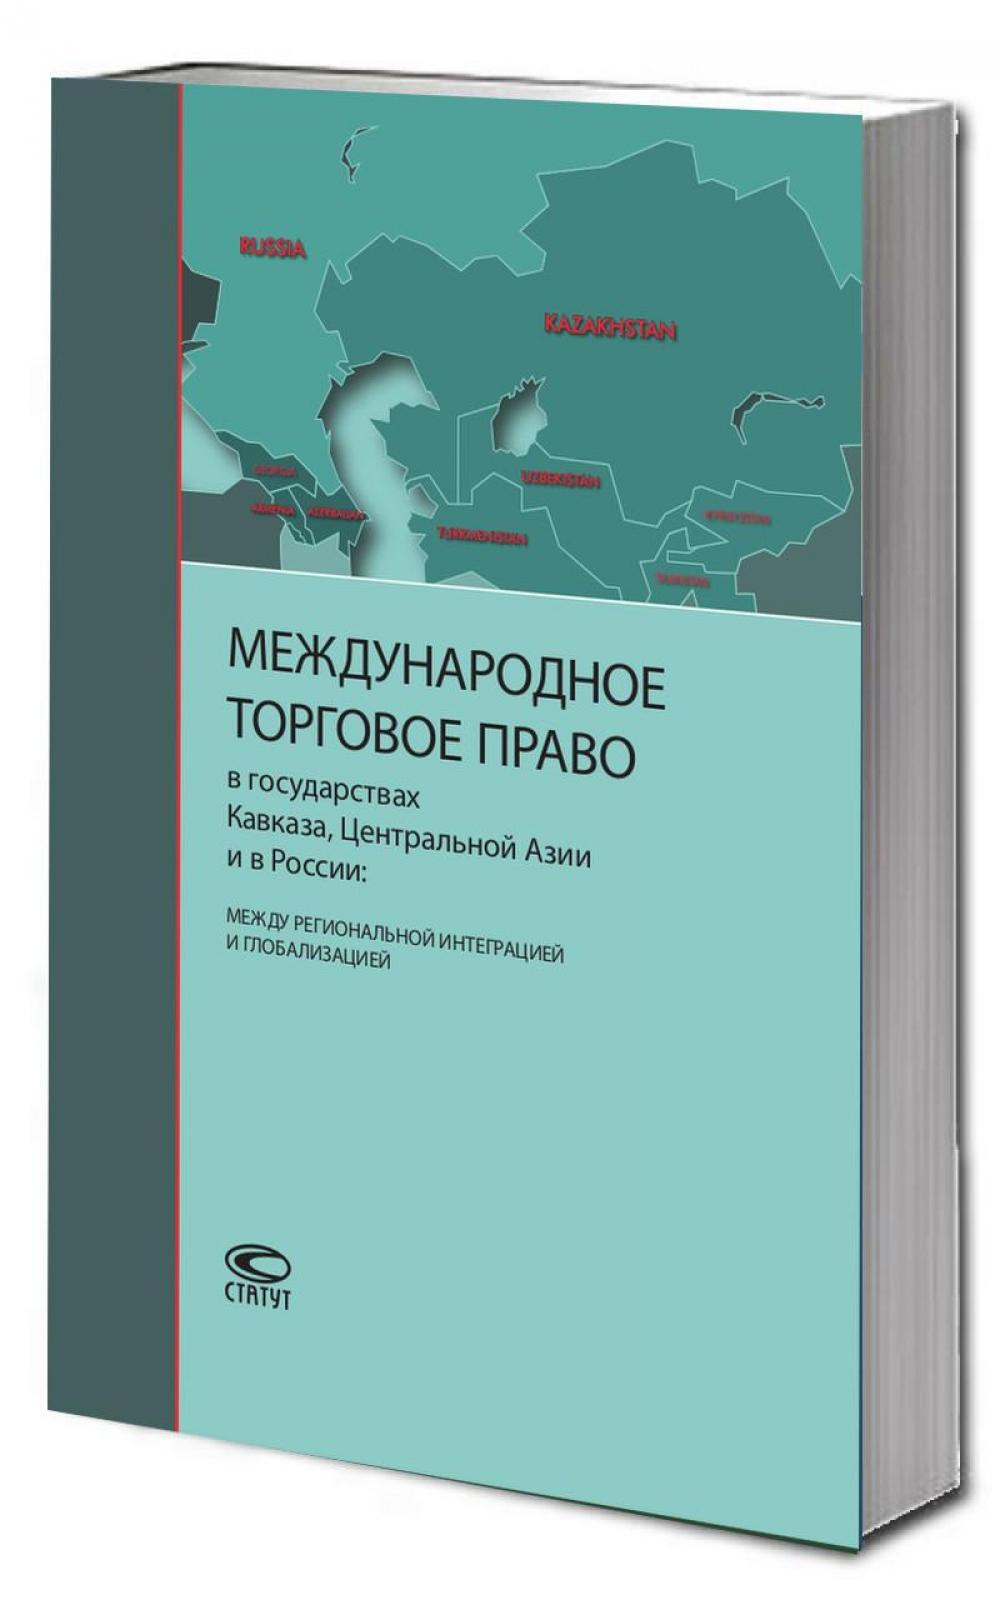 Международное торговое право в государствах Кавказа, Центральной Азии и в России: между региональной интеграцией и глобализацией.